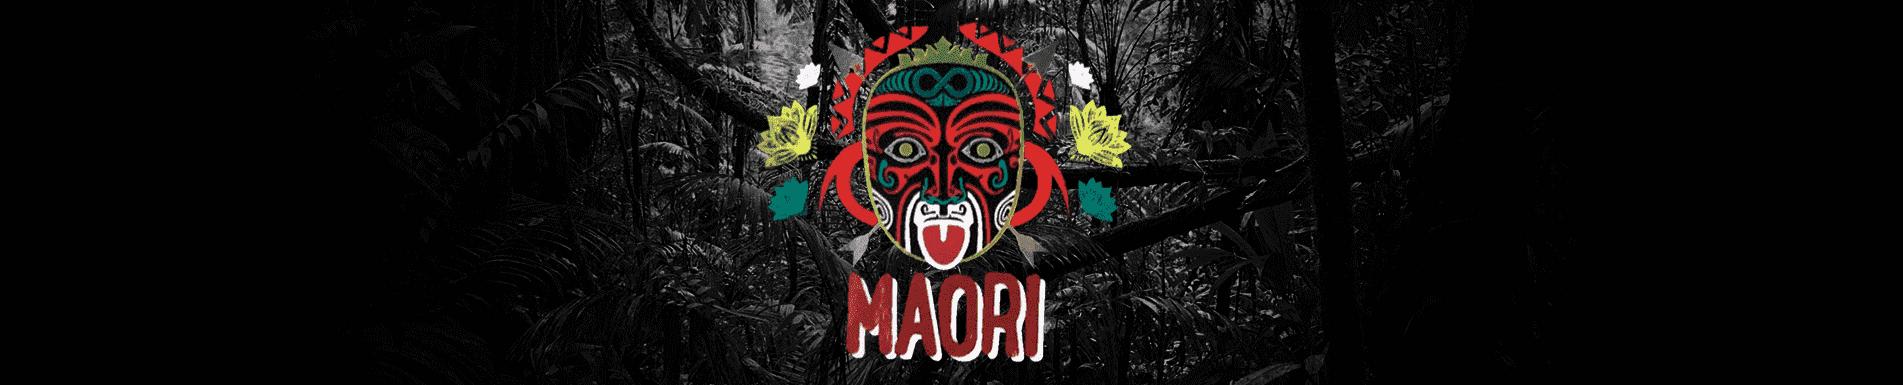 Arôme Maori par Full Moon